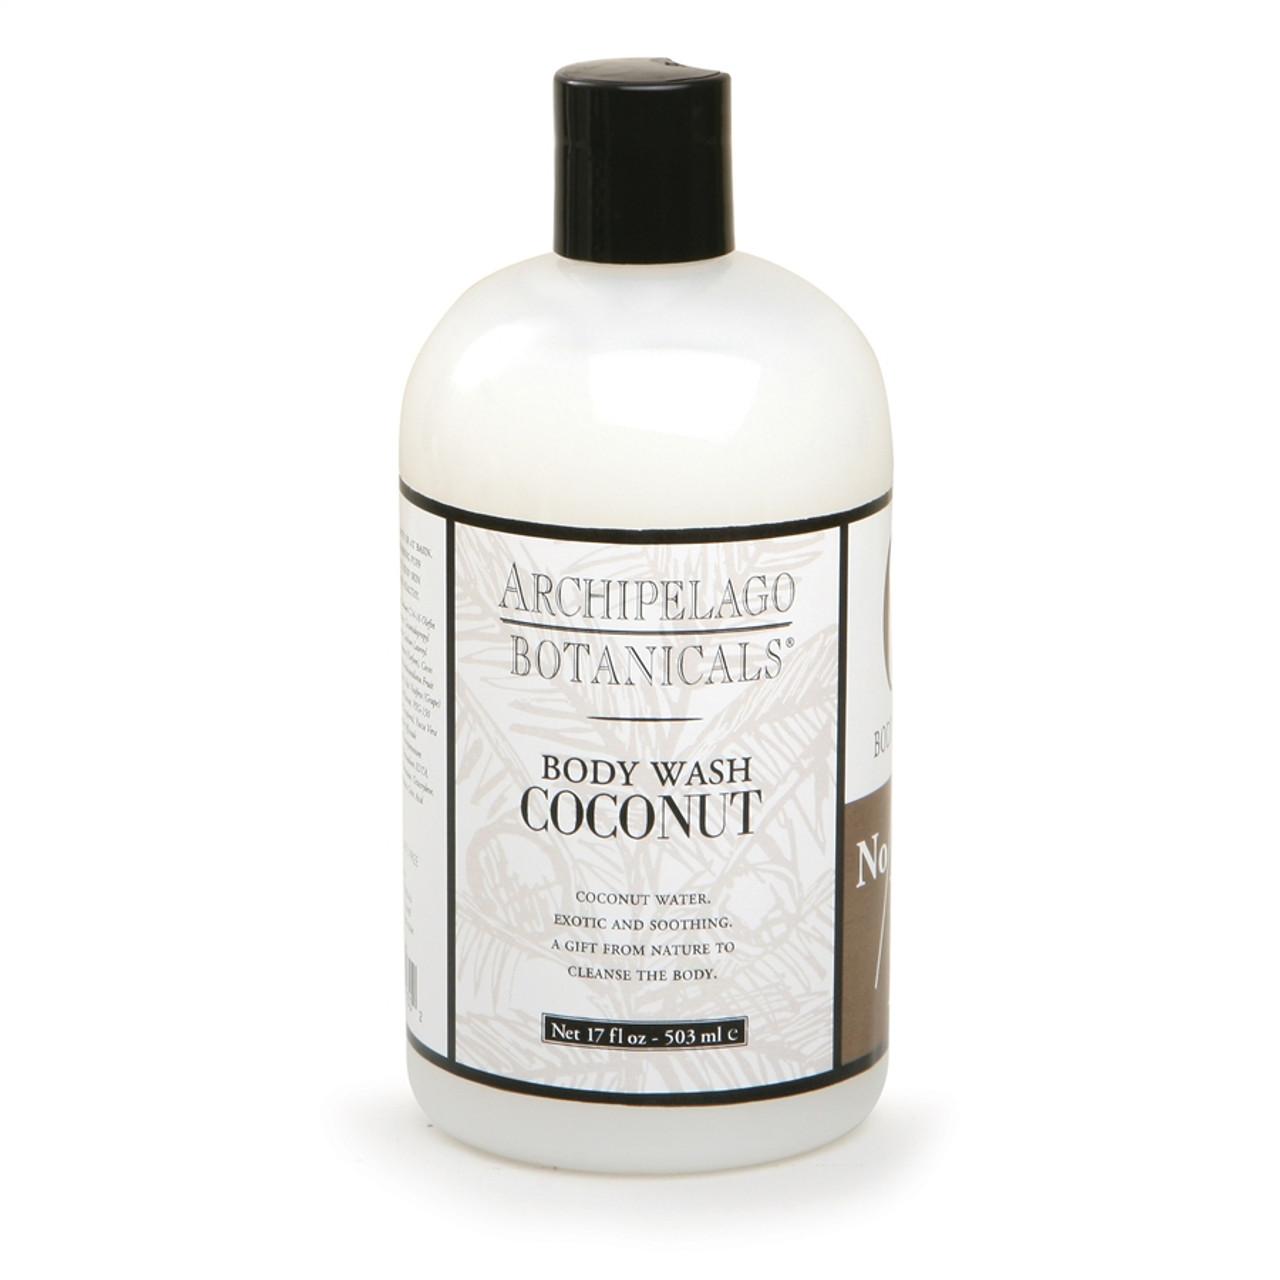 Archipelago Coconut Body Wash 17 oz